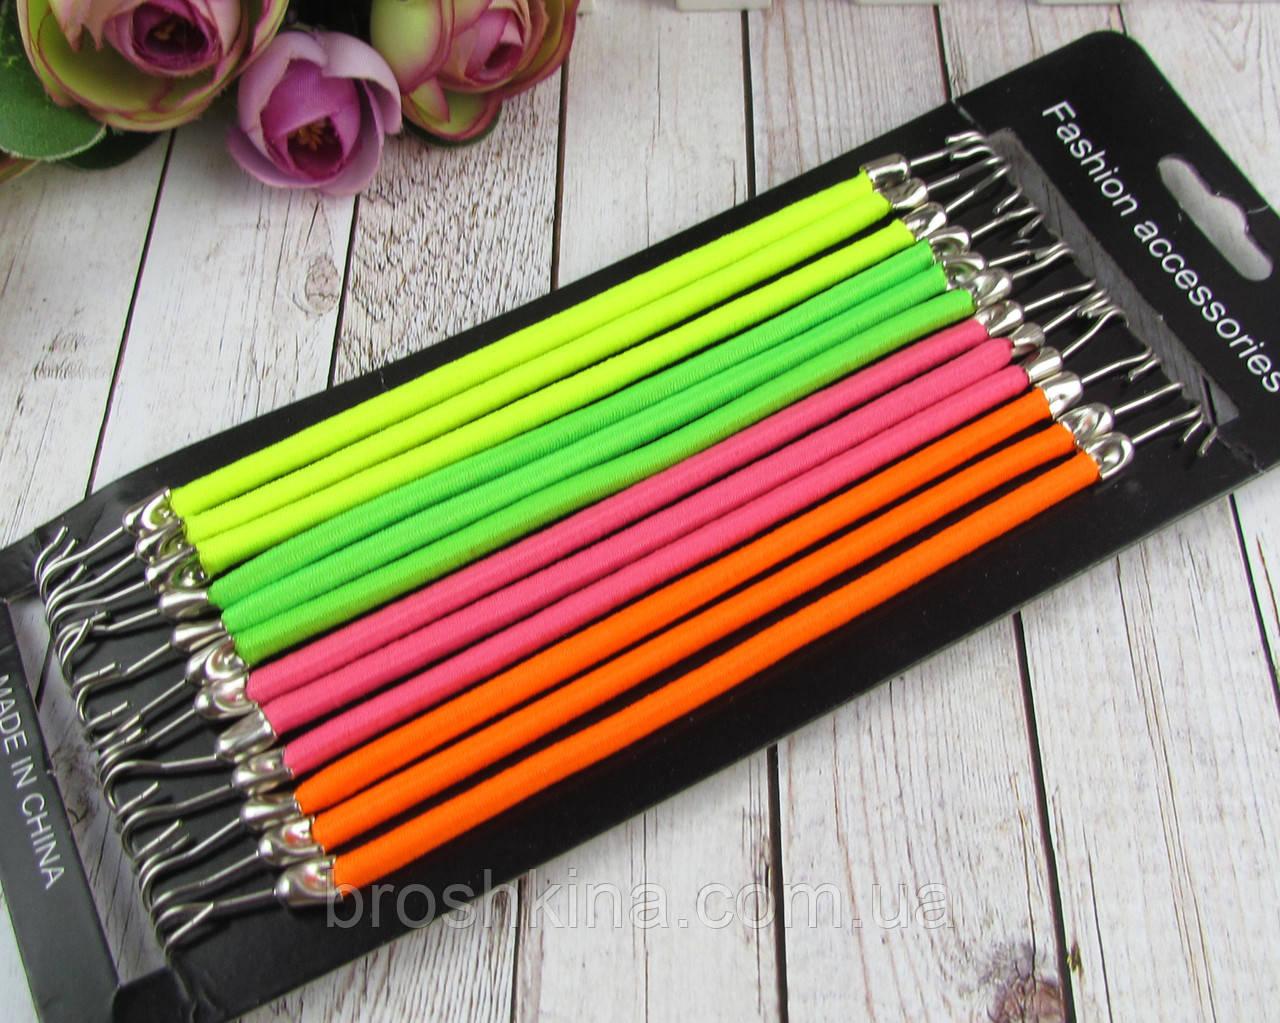 Резинки для волос с крючками цветные 24 шт/уп